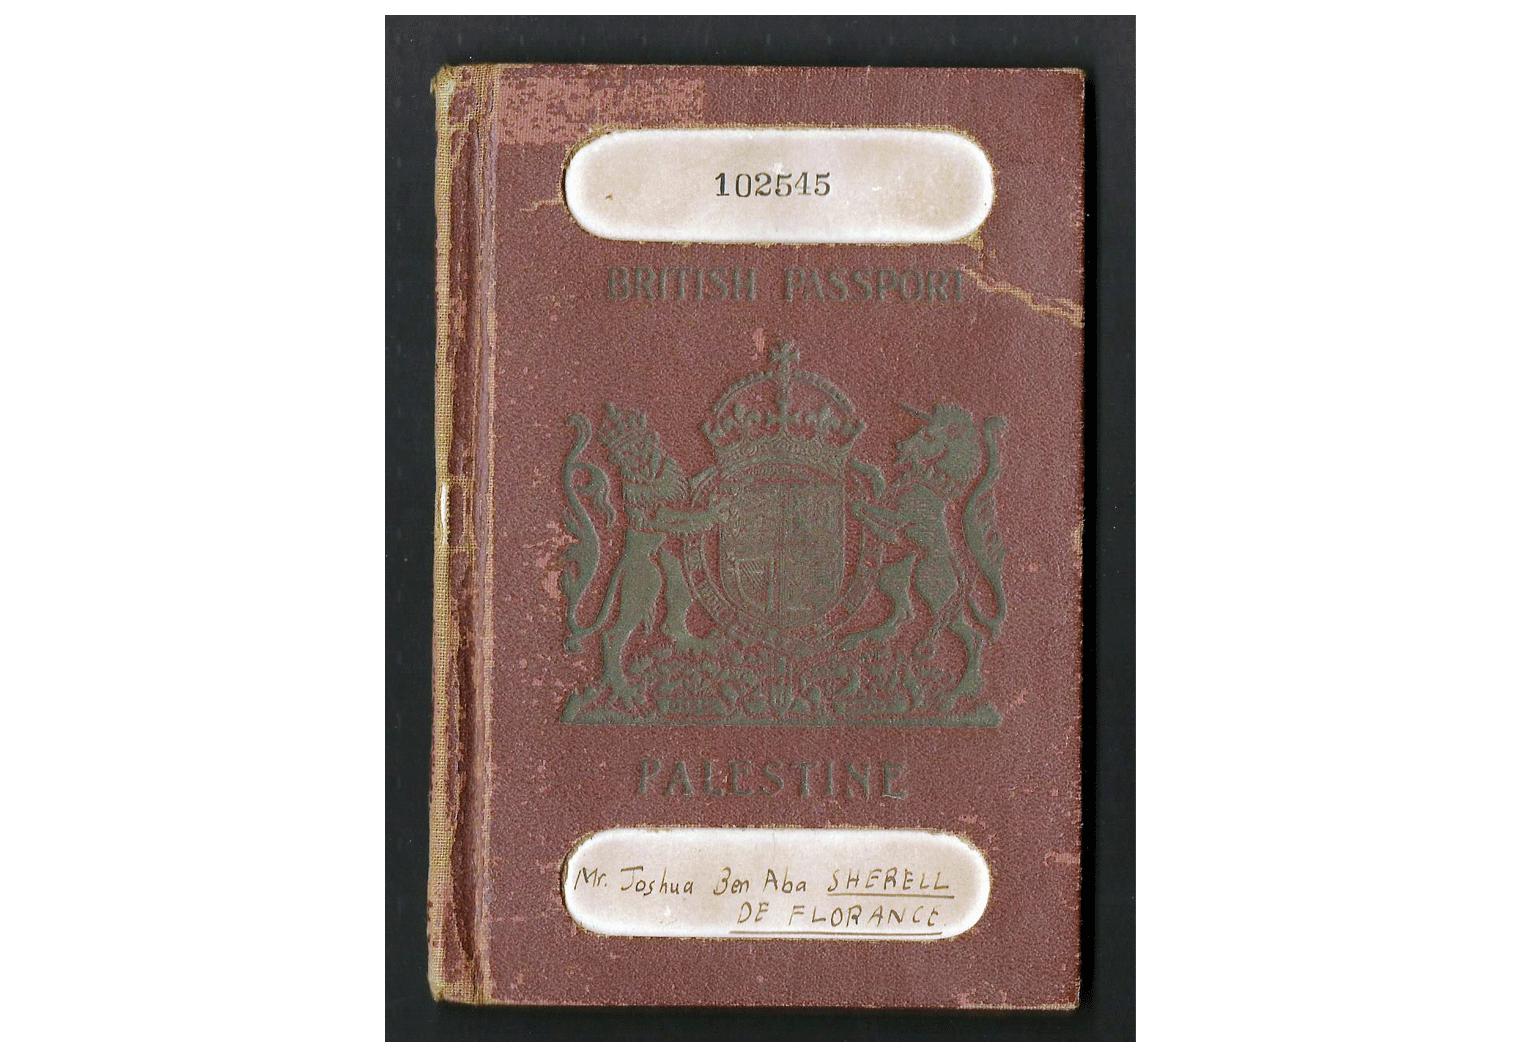 British Palestine passport for China